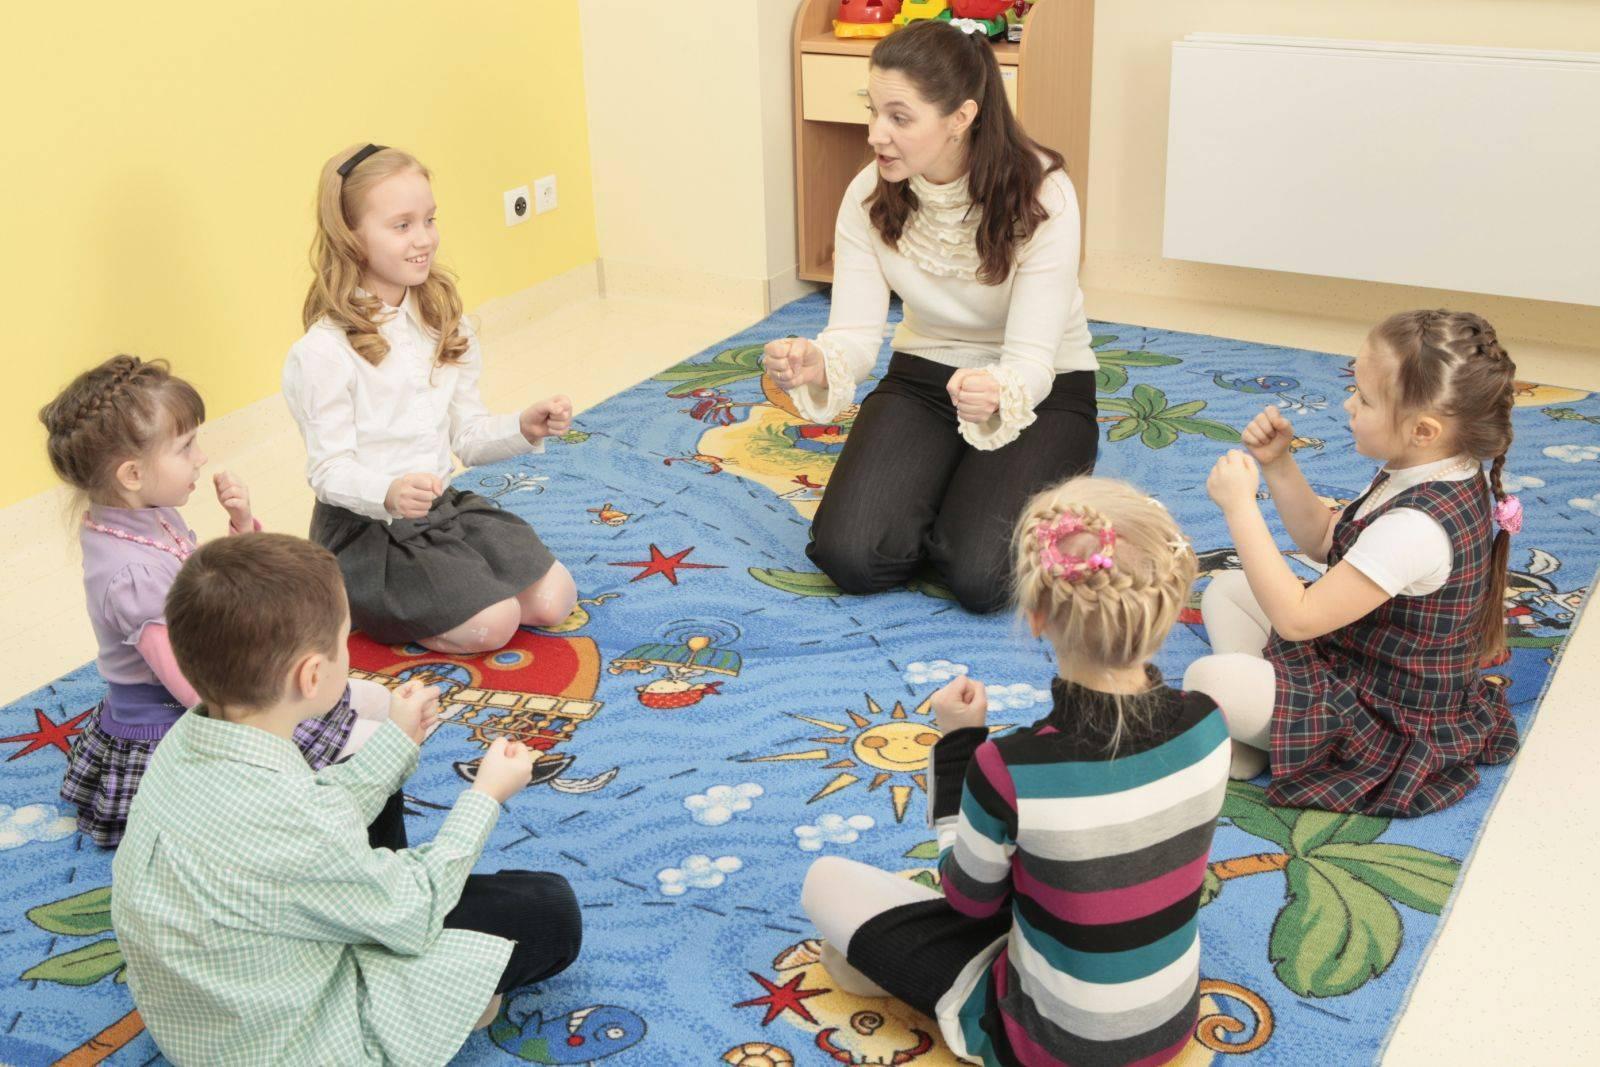 Рабочая программа на тему:  рабочая программа по нейропсихологической коррекции с детьми дошкольного и младшего школьного возраста с синдромом нарушения внимания и гиперактивности | социальная сеть работников образования